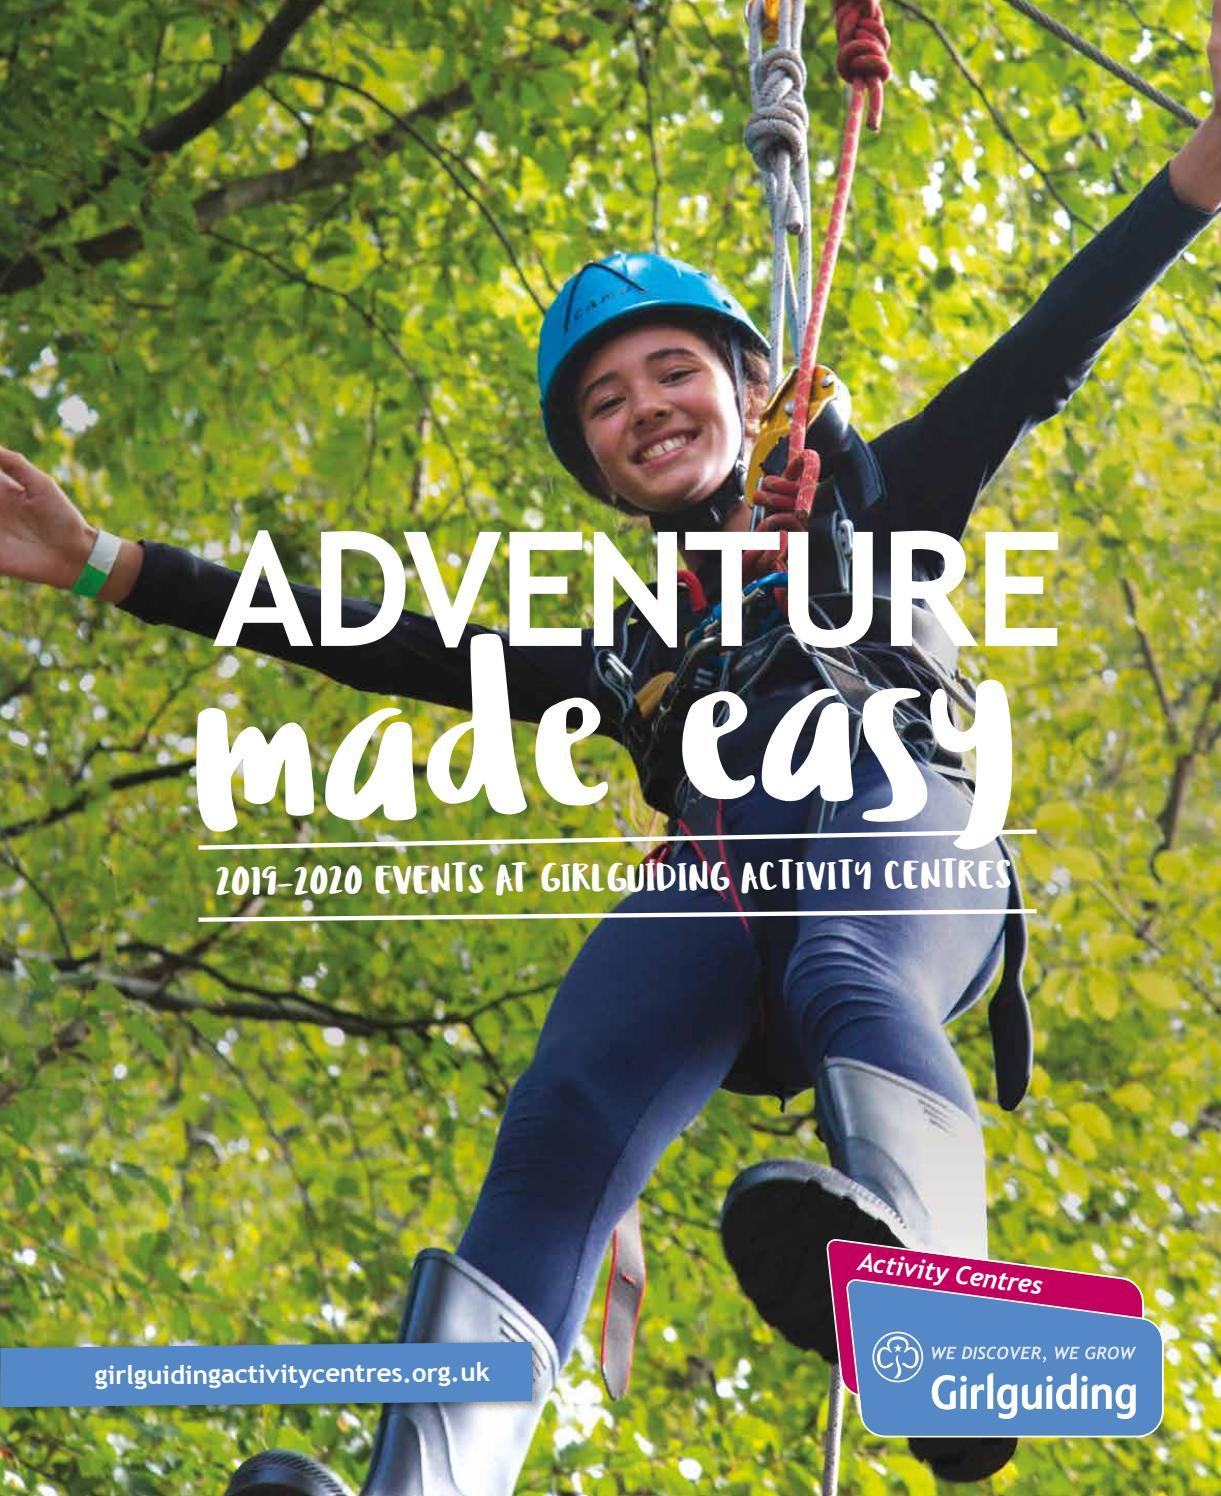 5273806a0da Adventure Made Easy 2019-2020 by Girlguiding - issuu